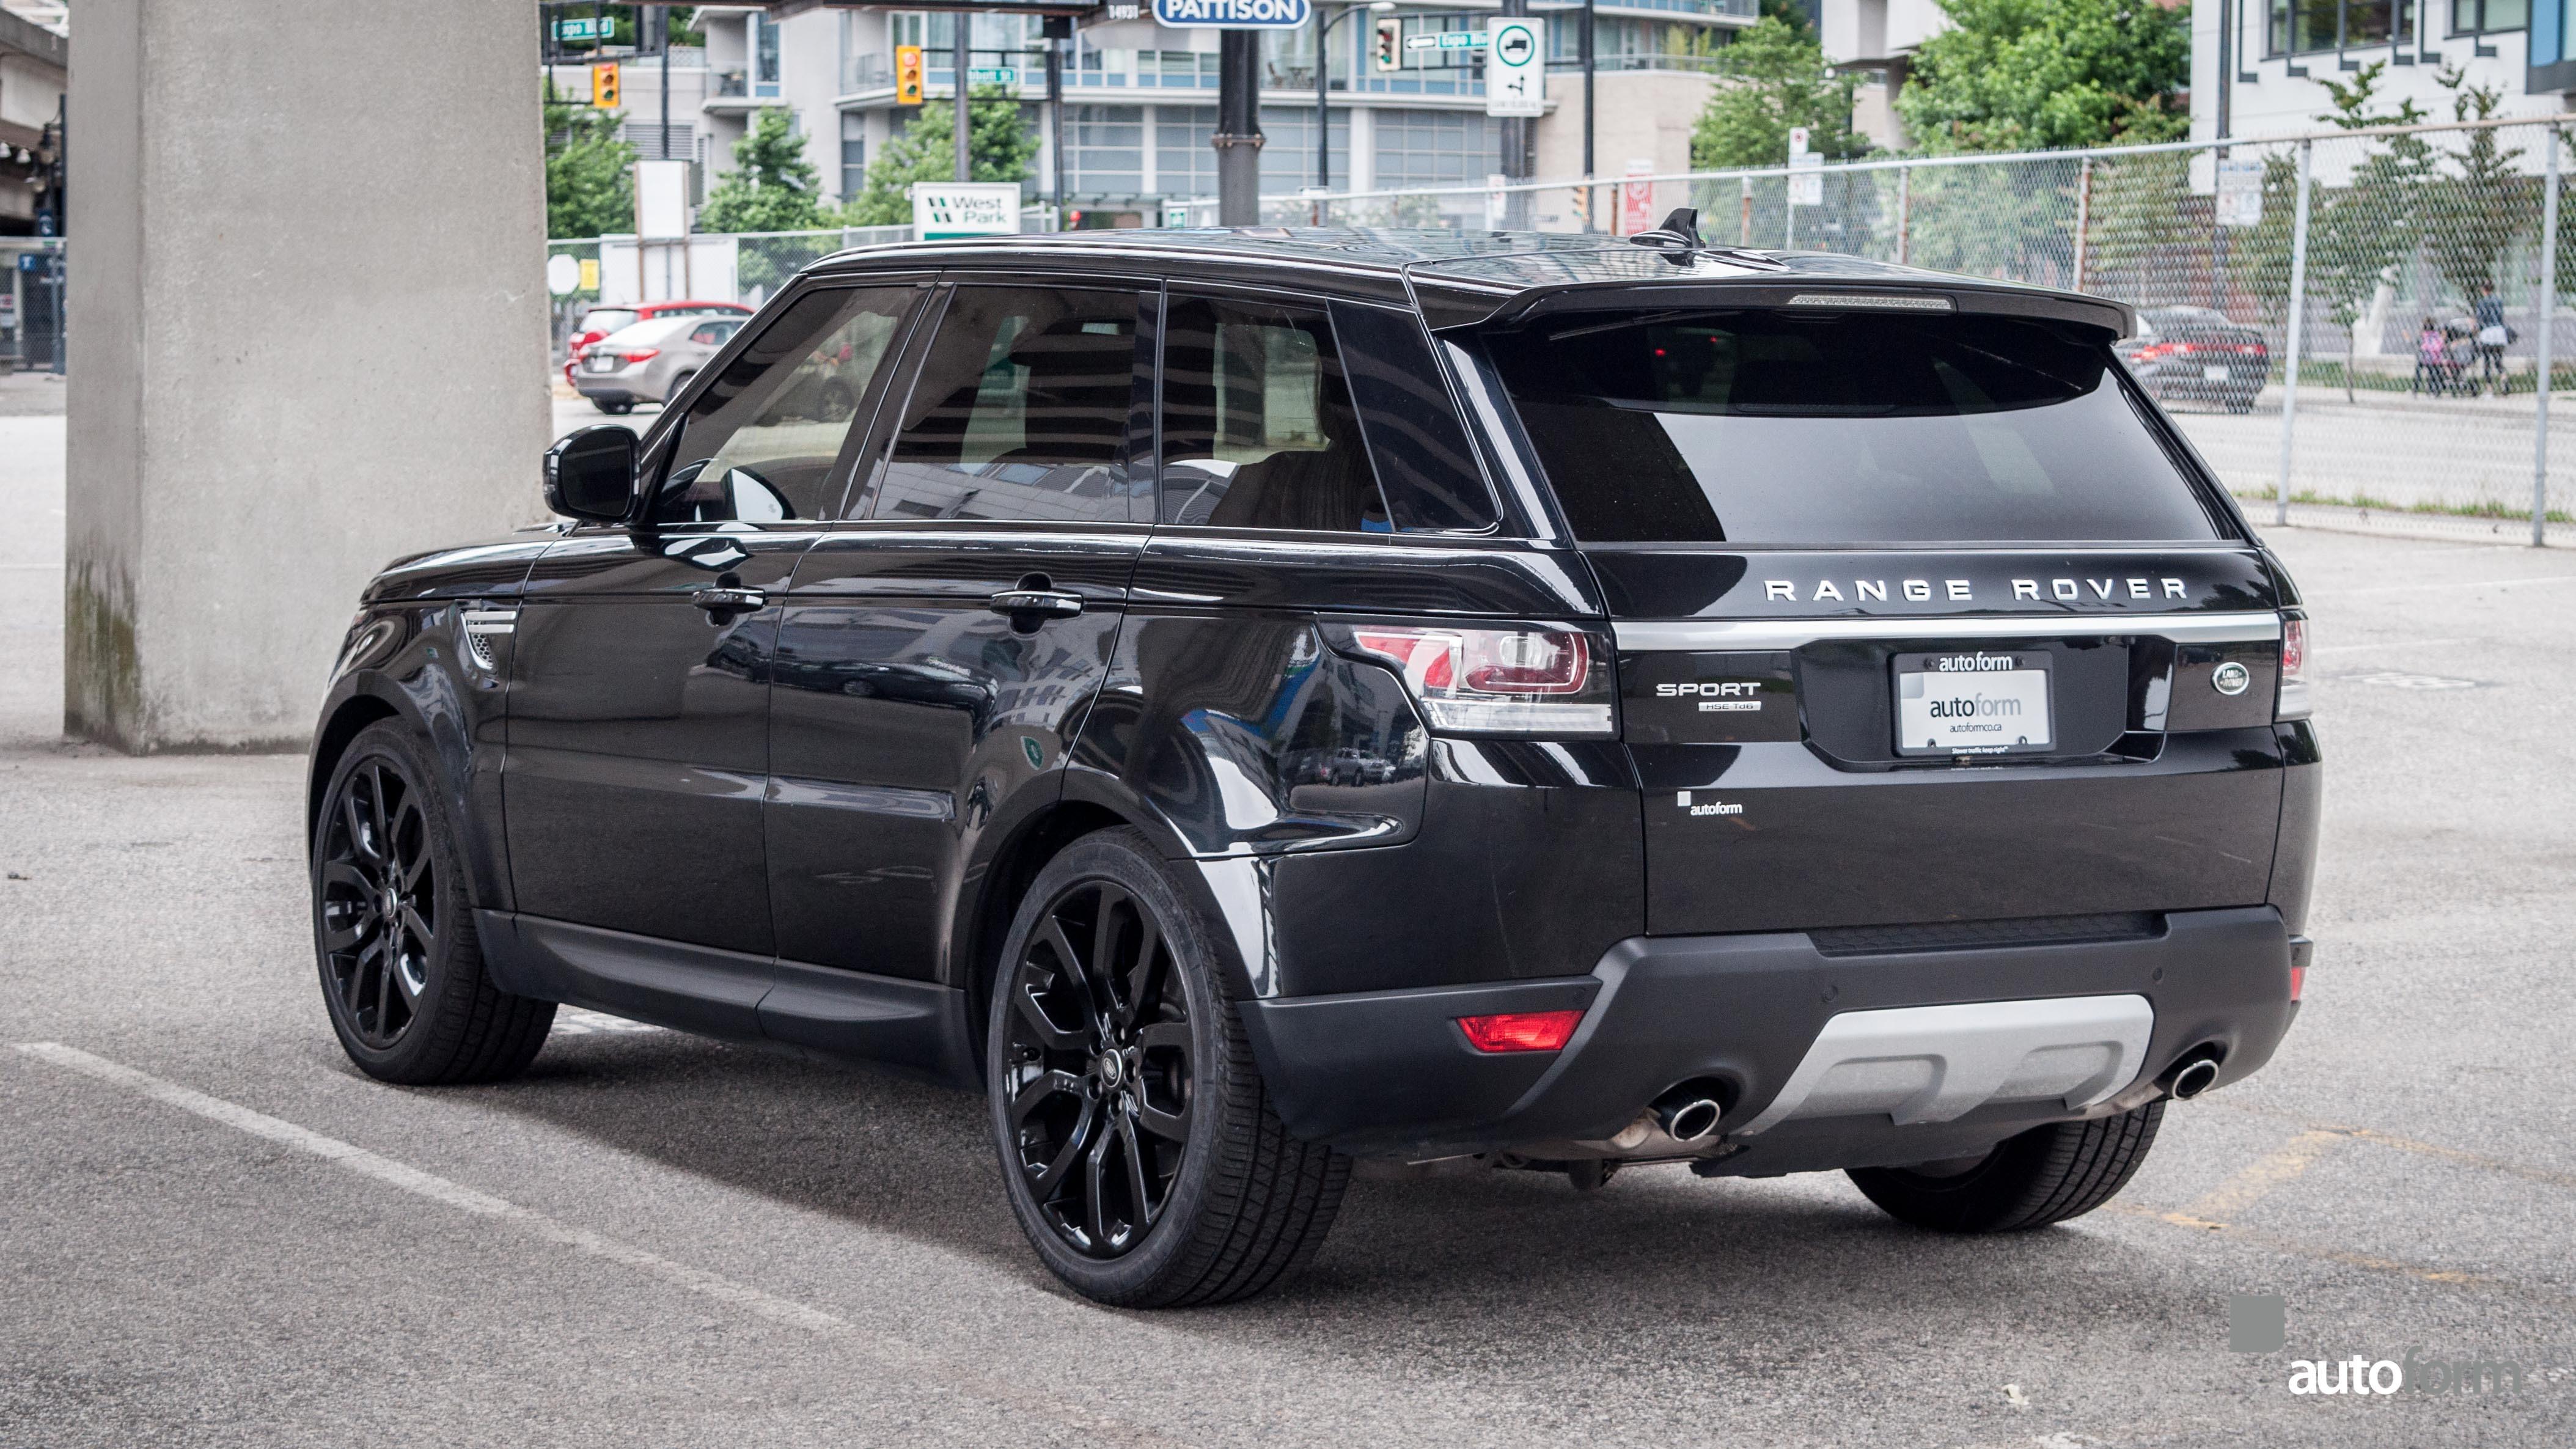 2016 Land Rover Range Rover Sport Diesel Autoform